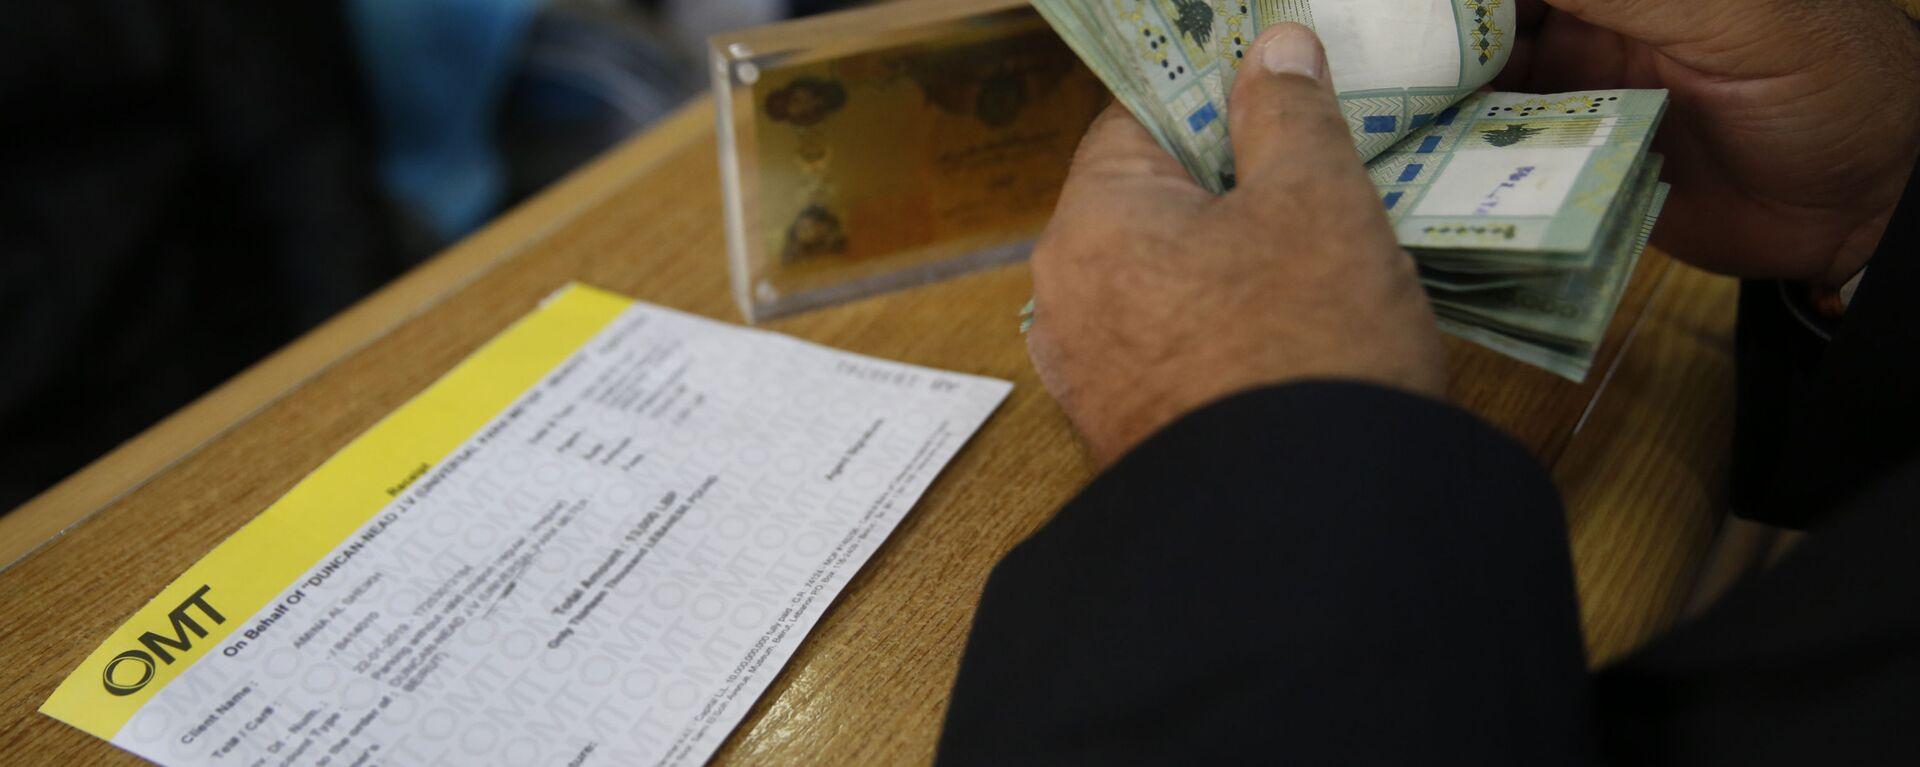 Мужчина осуществляет денежный перевод - Sputnik Узбекистан, 1920, 01.02.2021